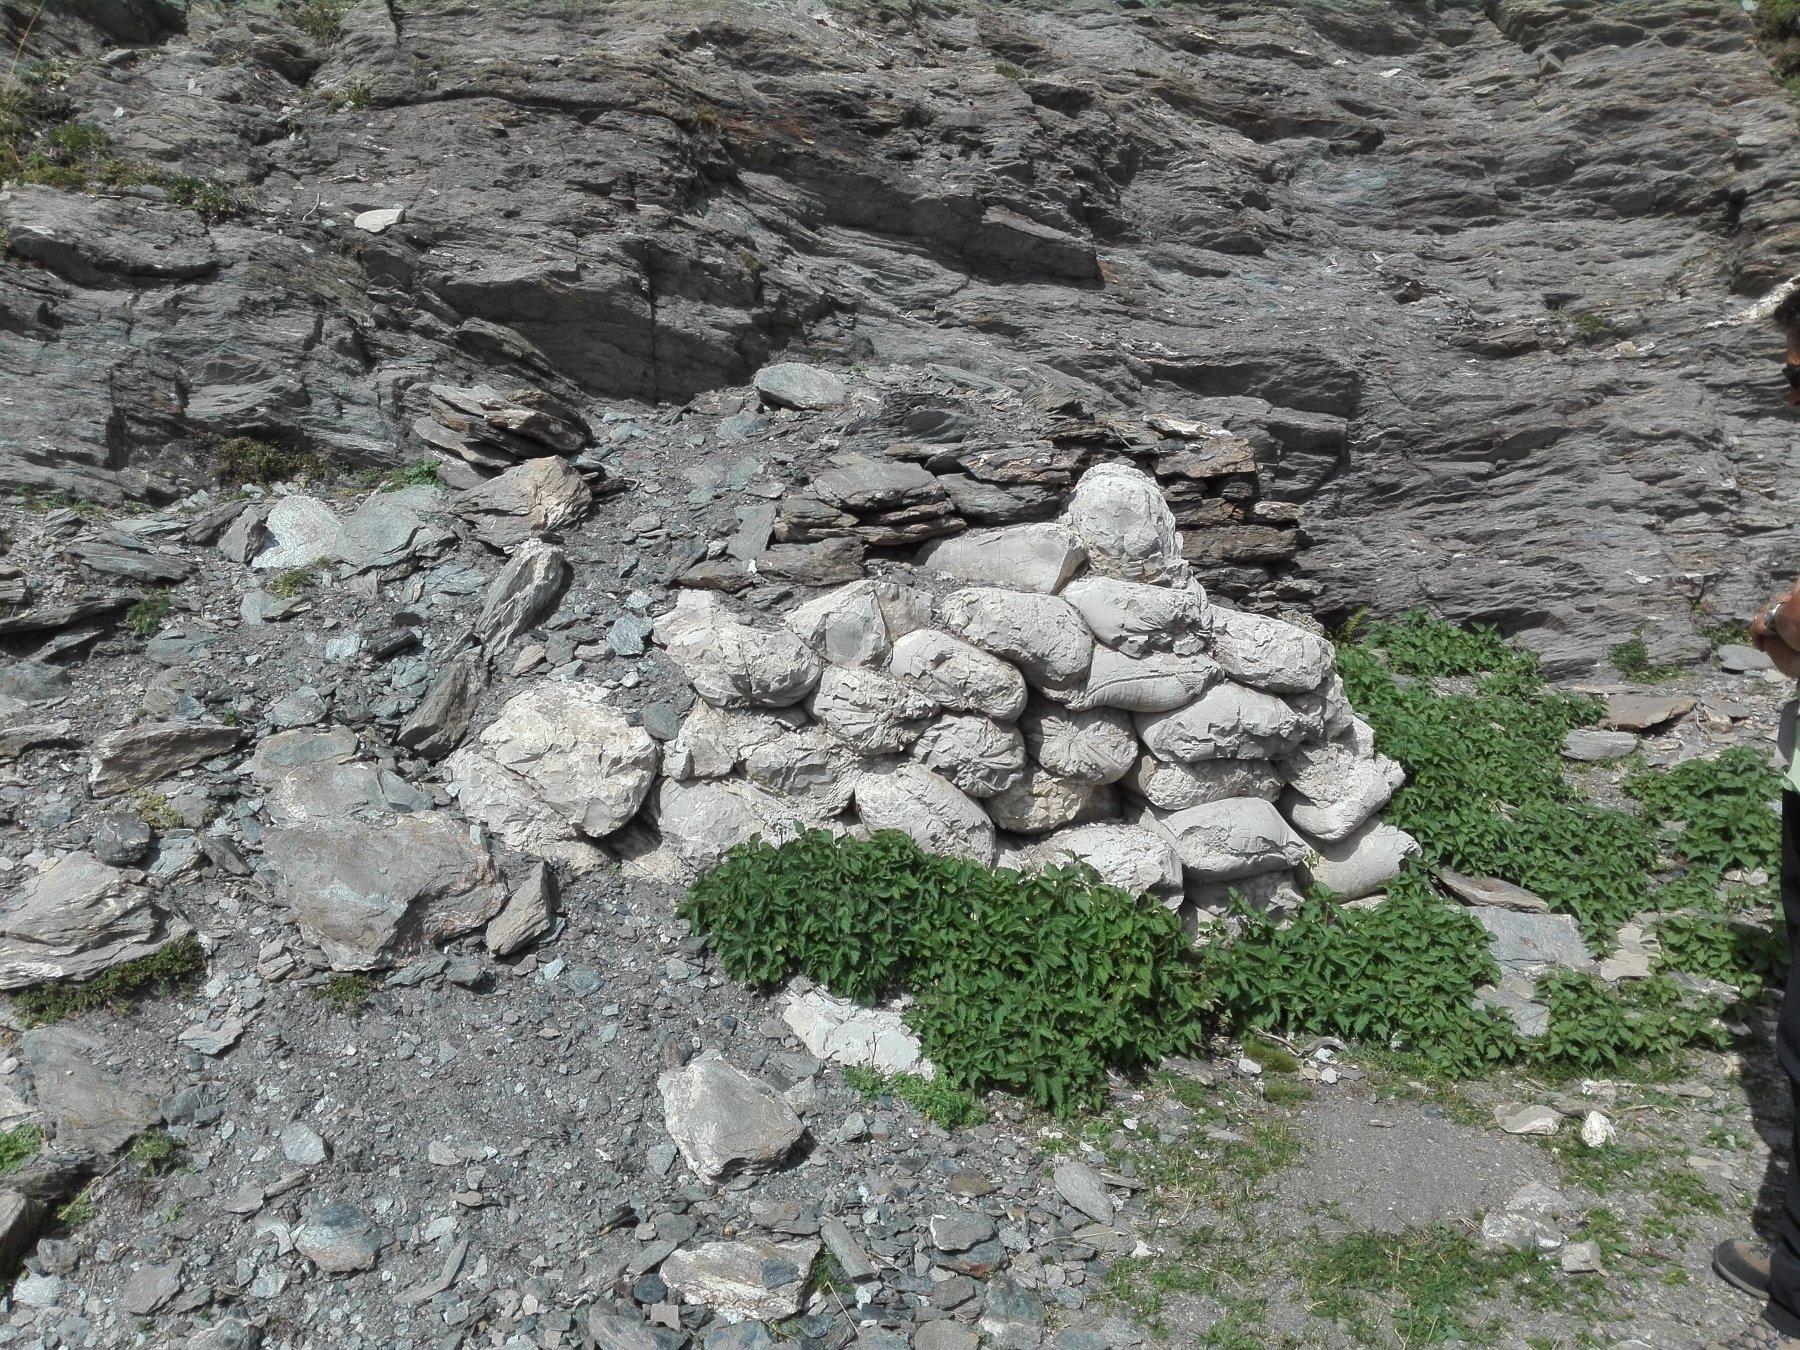 Poco prima del colle, sul versante italiano, si trova ancora a distanza di 80 anni un cumulo di sacchi di cemento, pietrificato. Erano stati portati per il prosieguo delle opere militari al colle, ma poi la guerra è terminata ....